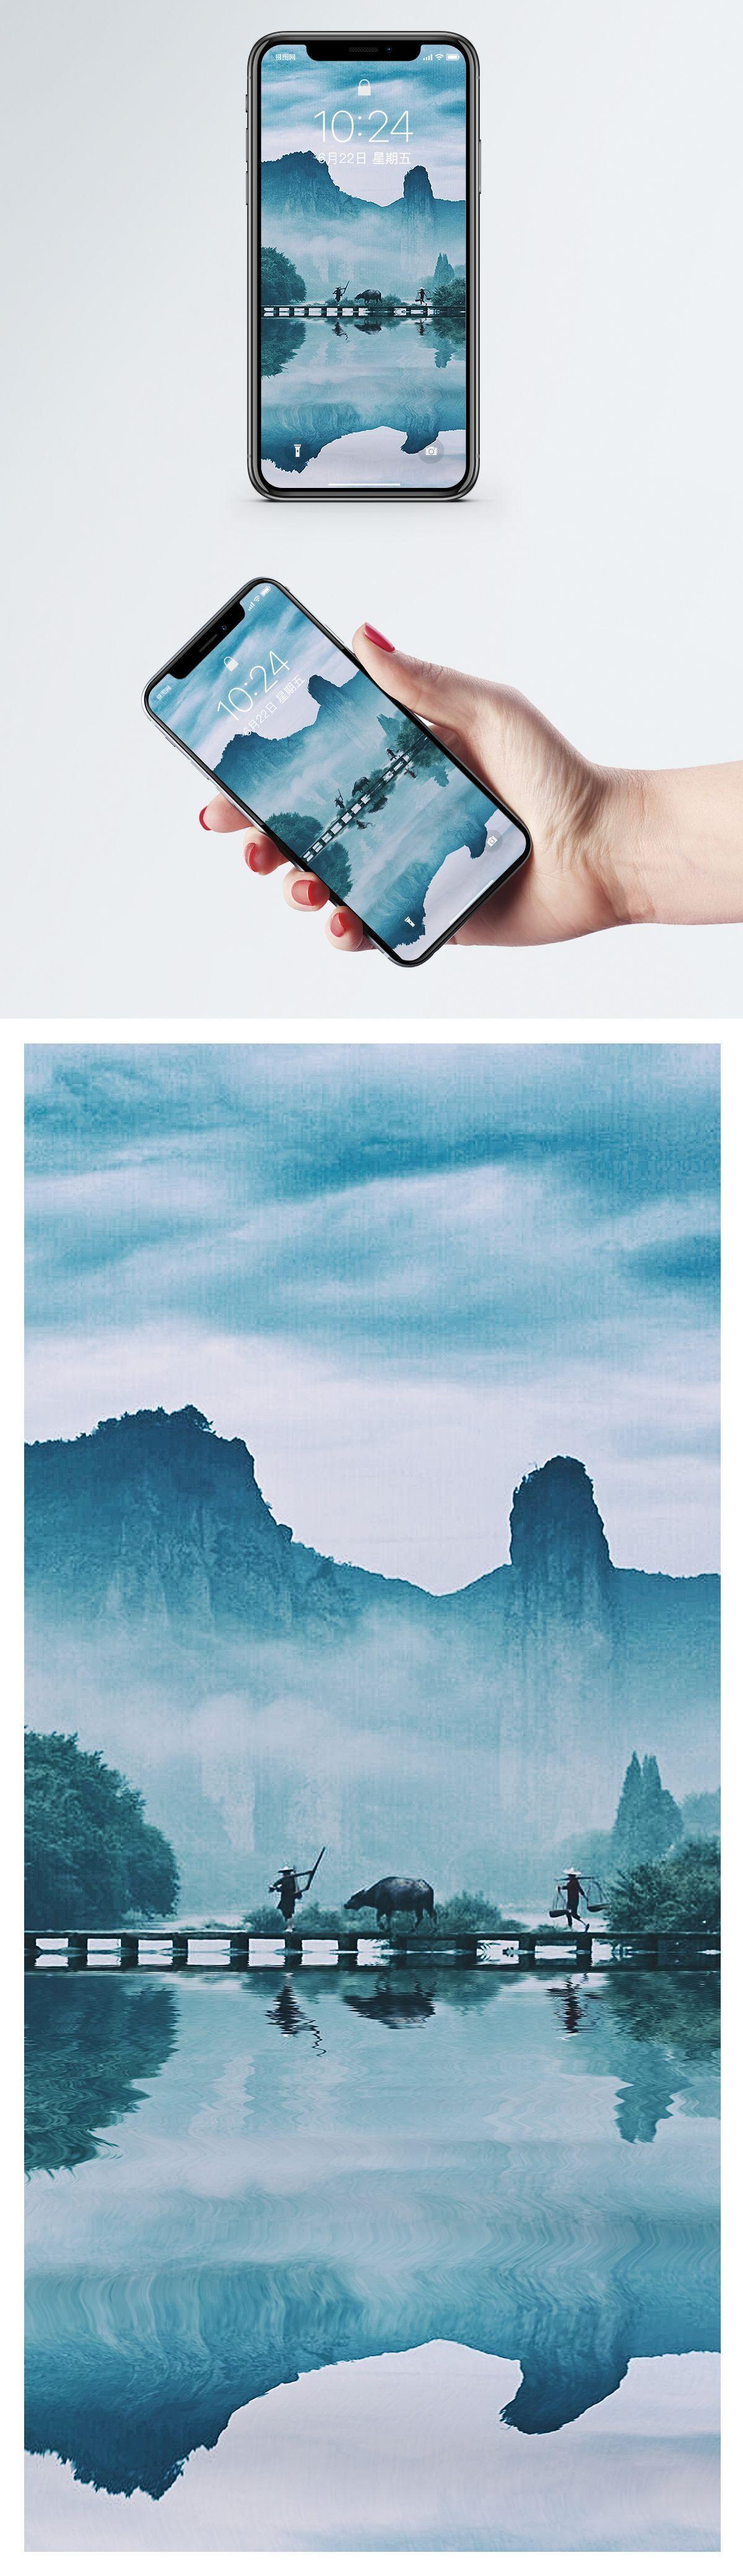 Phone Wallpaper Plain Handyhintergrundbild Field Mobile Phone Wallpaper Fresh Cellph In 2020 Handy Handy Hintergrundbild Bilder